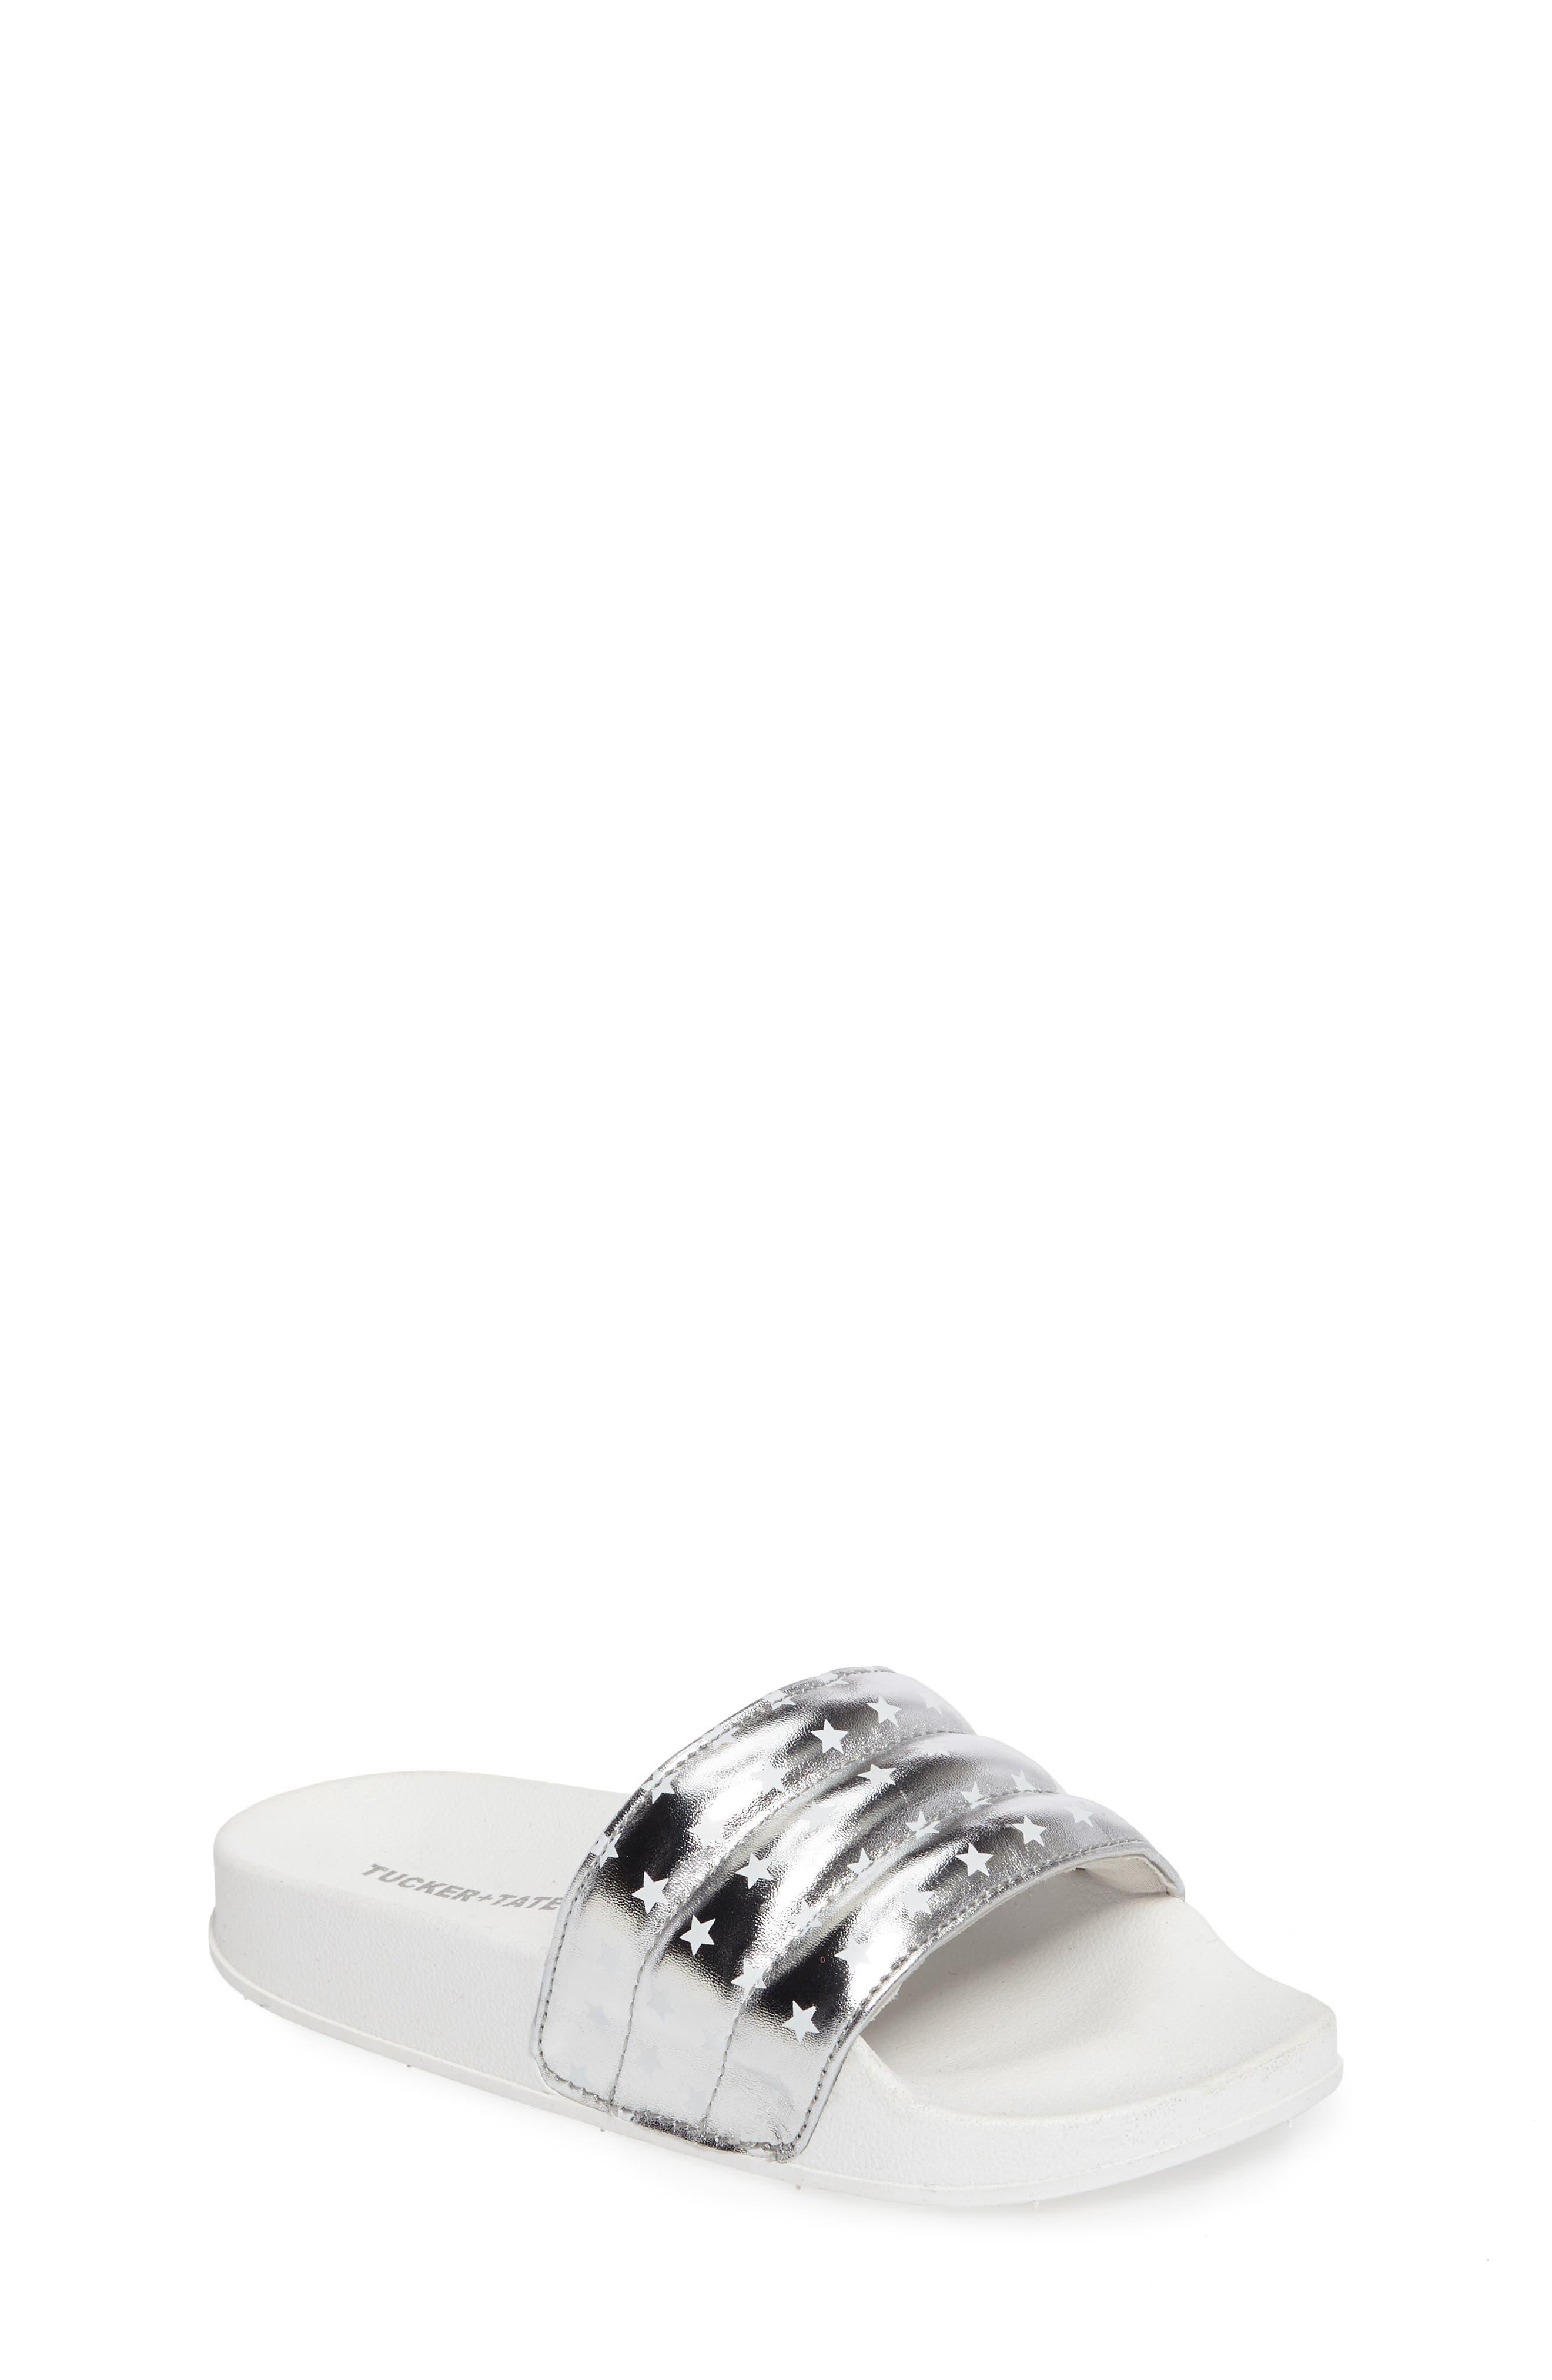 TUCKER + TATE Star Slide Sandal